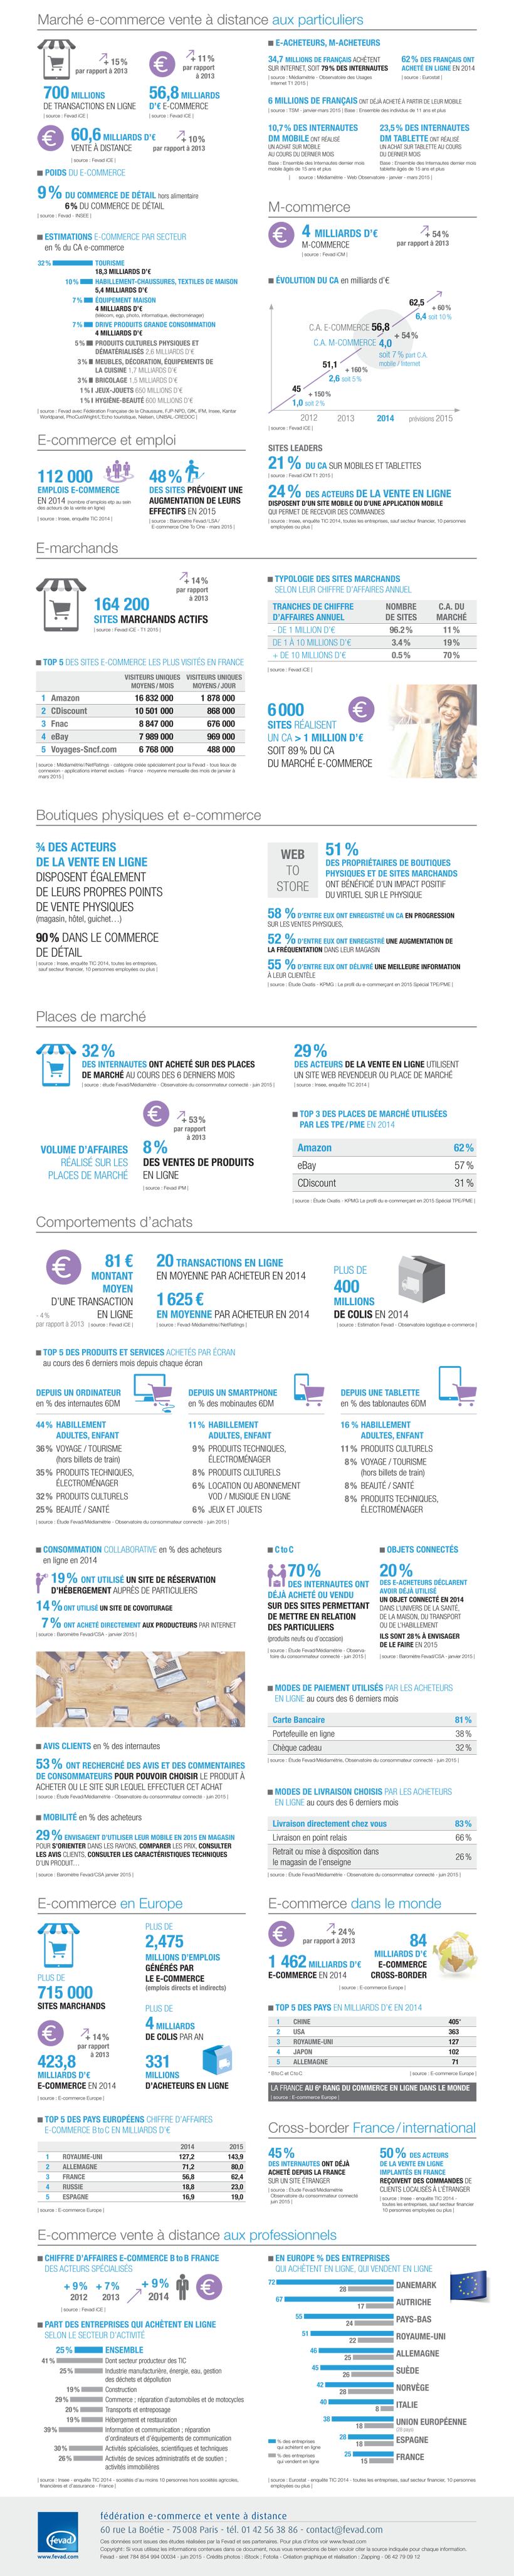 Quelques chiffres clés et tendances du e-commerce en ...